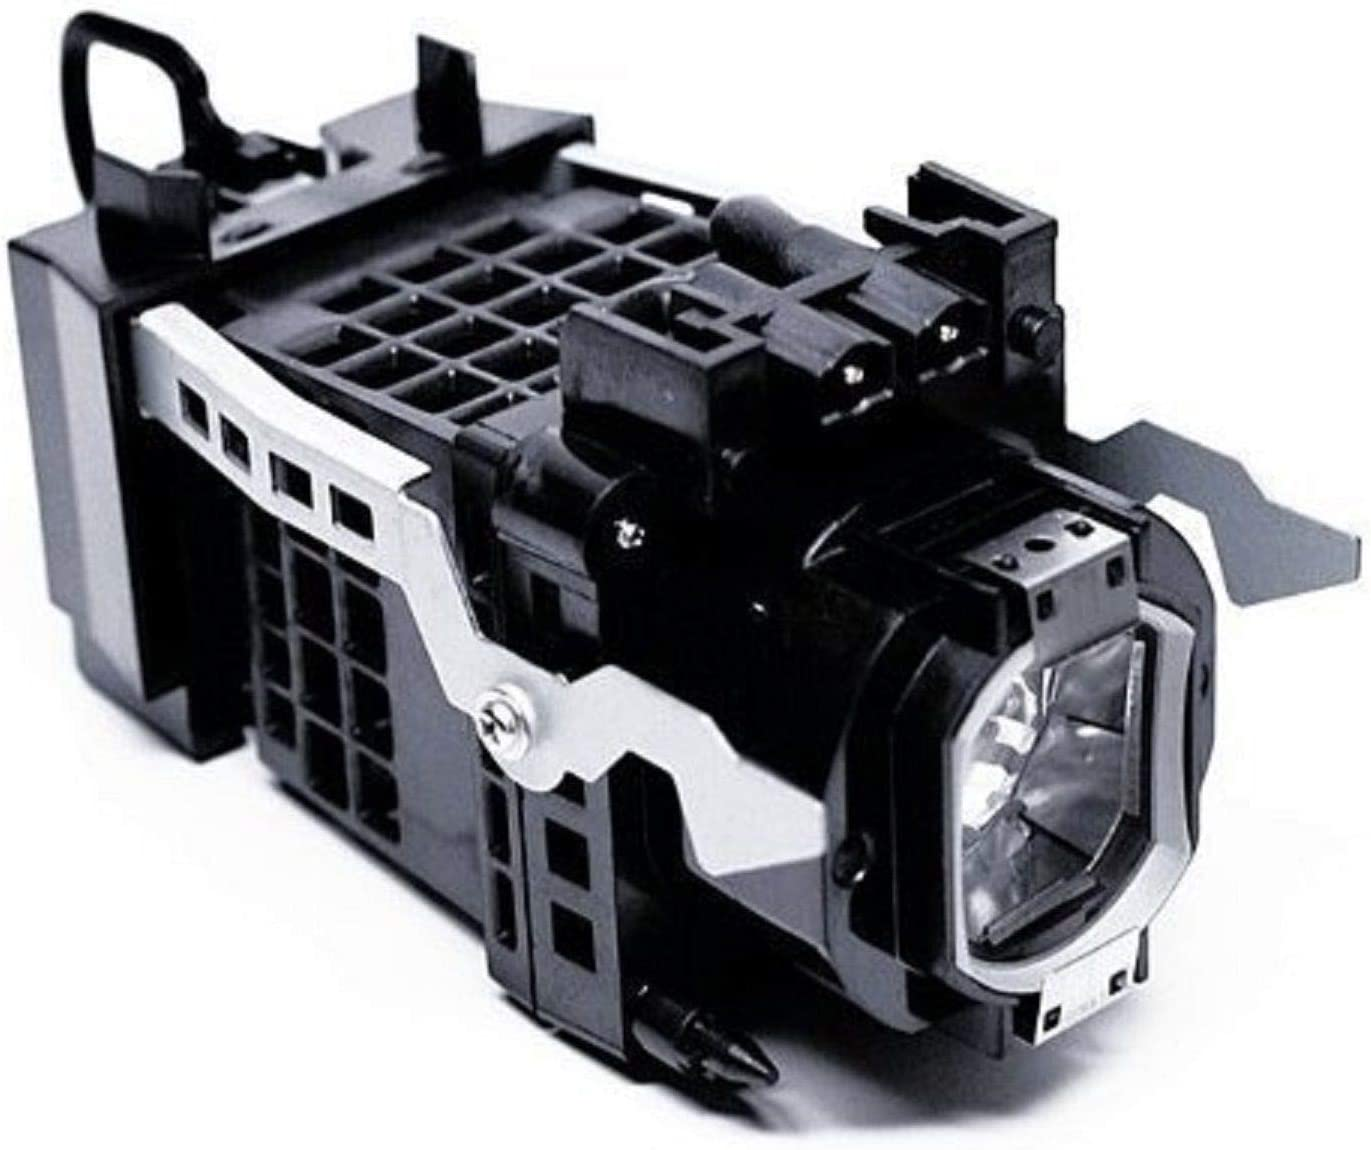 Visdia XL-2400 TV Premium Replacement Projector Lamp with Housing for Sony KF-E42A10 KF-E50A10 KDF-E50A10 KDF-E42A10 KDF-E50A11E KDF-E50A12U KDF-E42A11E KDF-55E2000 KDF-46E2000 KDF-50E2010 Projector